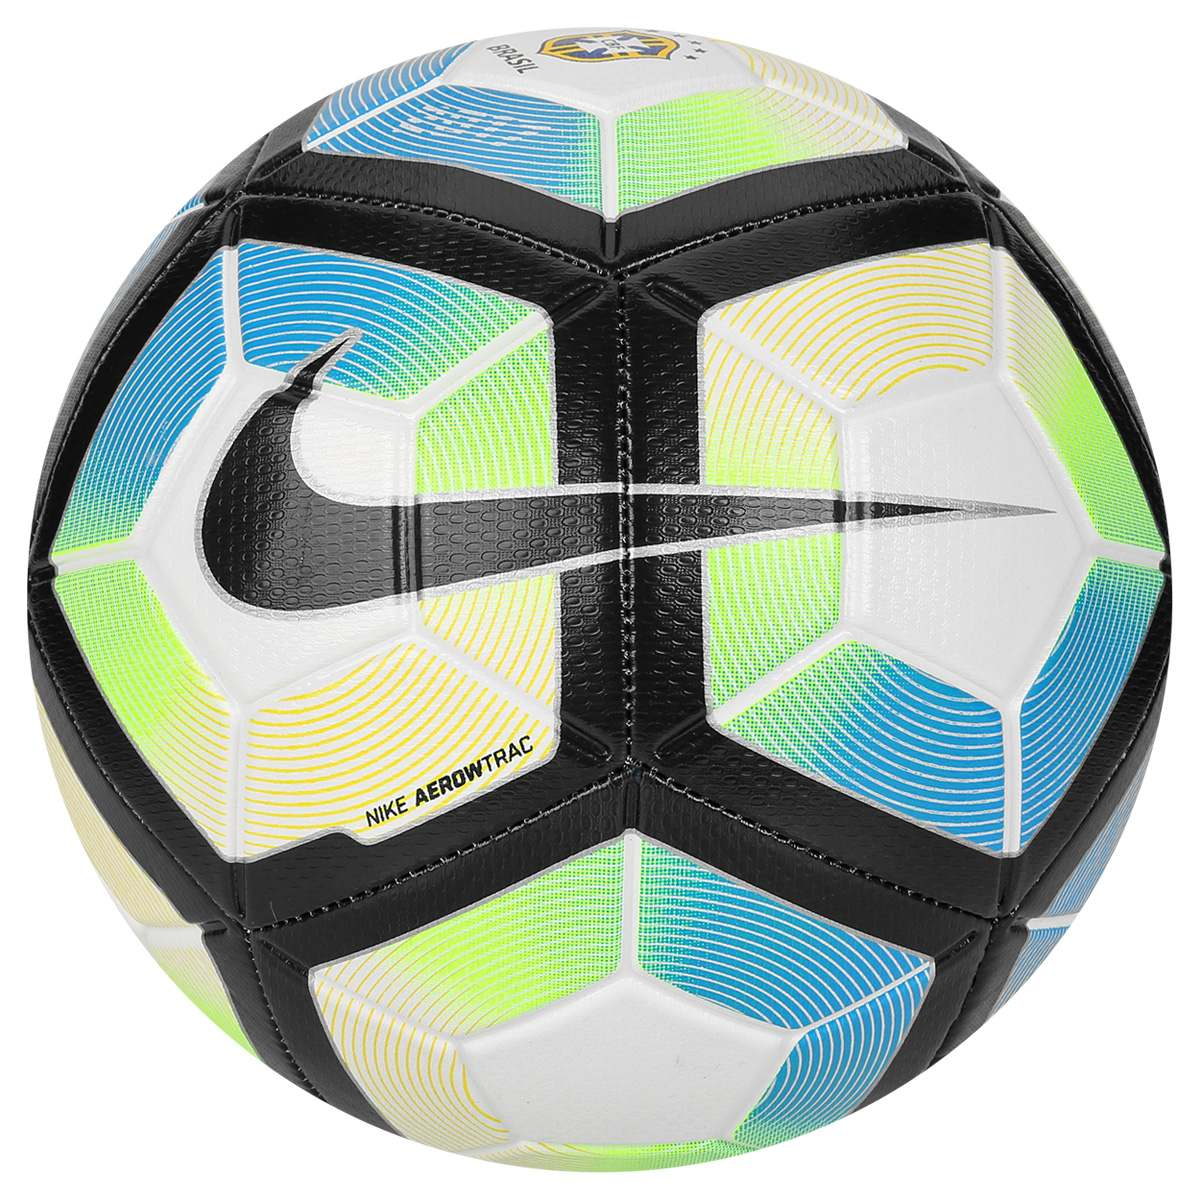 04174e5c5 bola nike futebol de campo strike cbf brasileiro original. Carregando zoom.